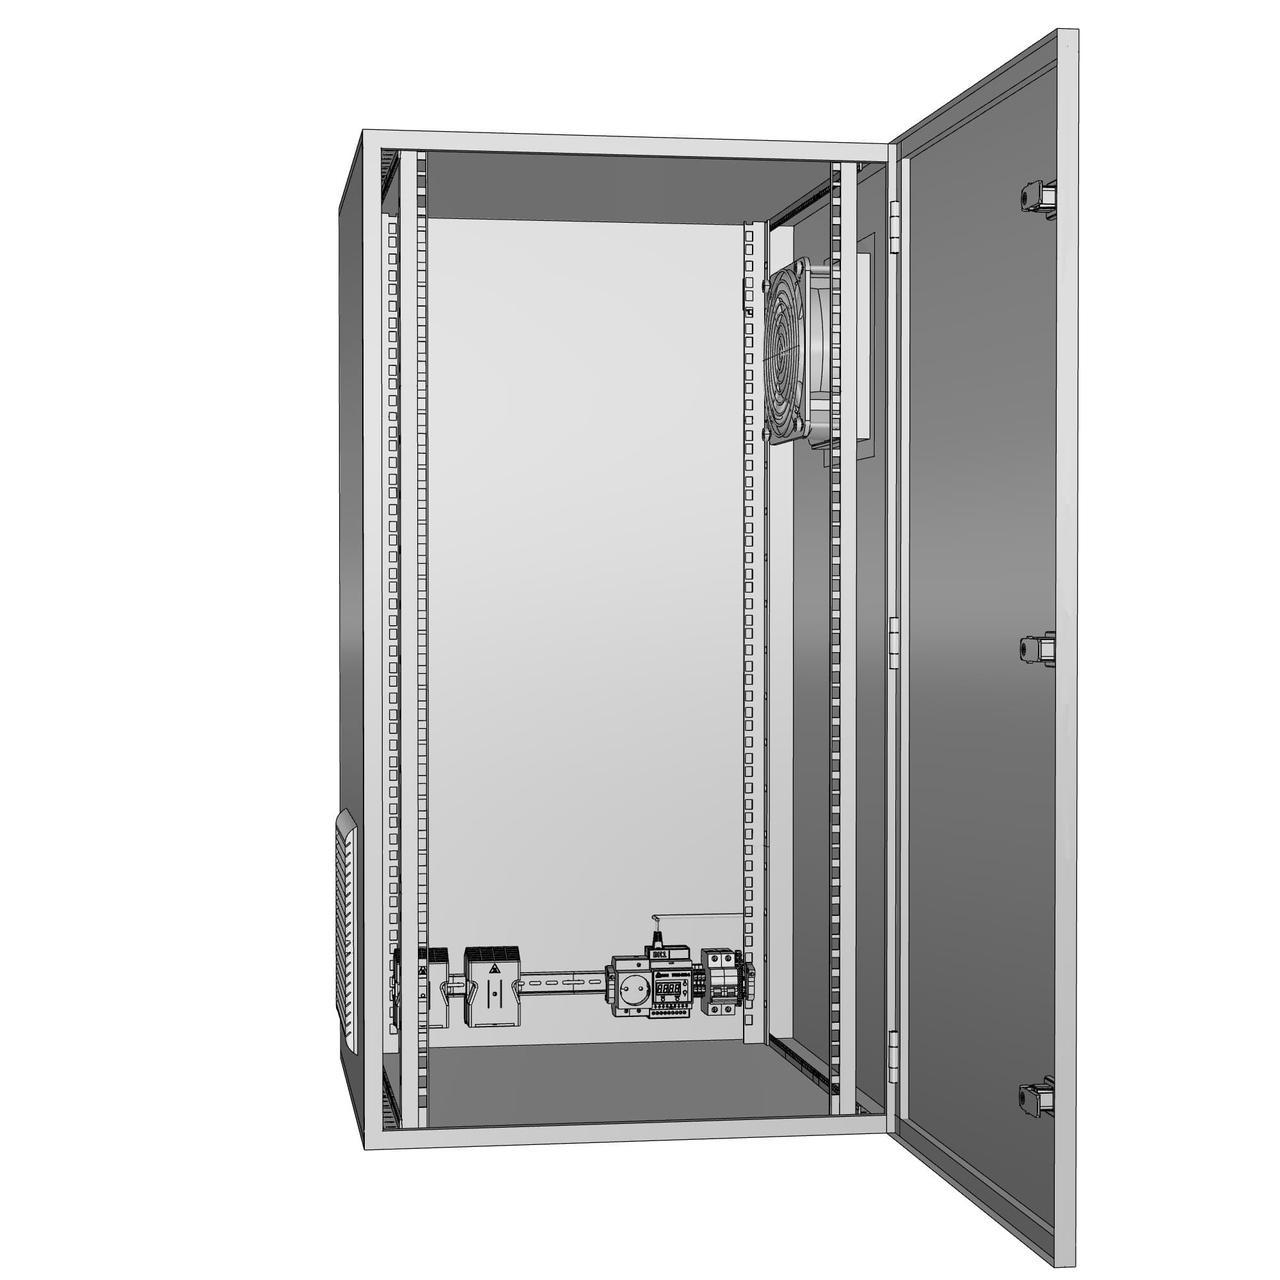 Щит климатический утеплённый с вентиляцией ЩКу- В- 6 - 1000×800×300 (В×Ш×Г) IP65